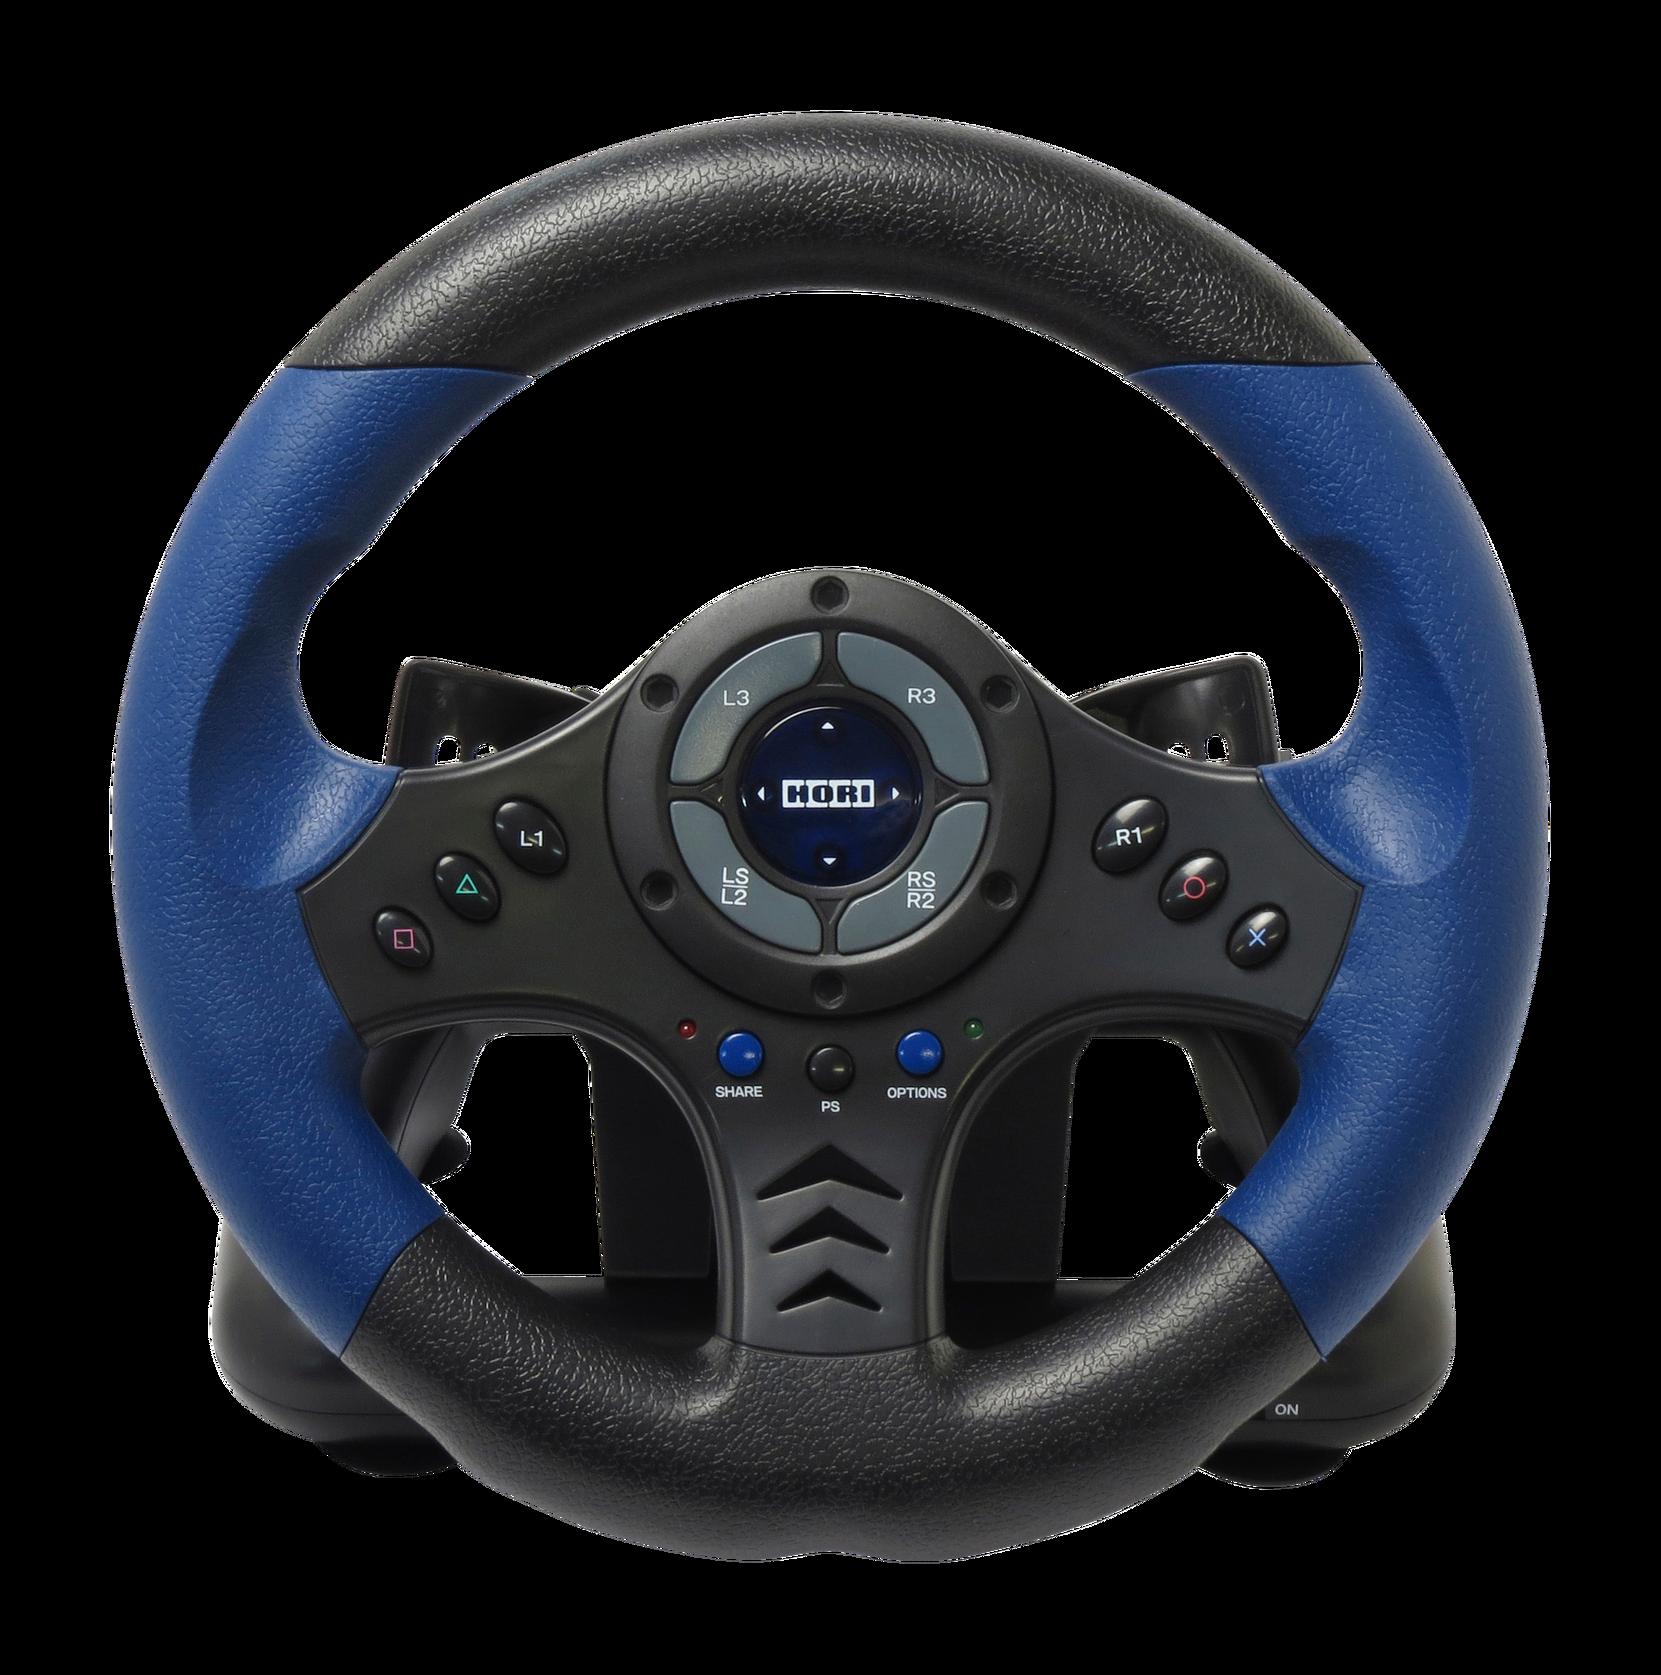 PS4/PS3 Racing Wheel